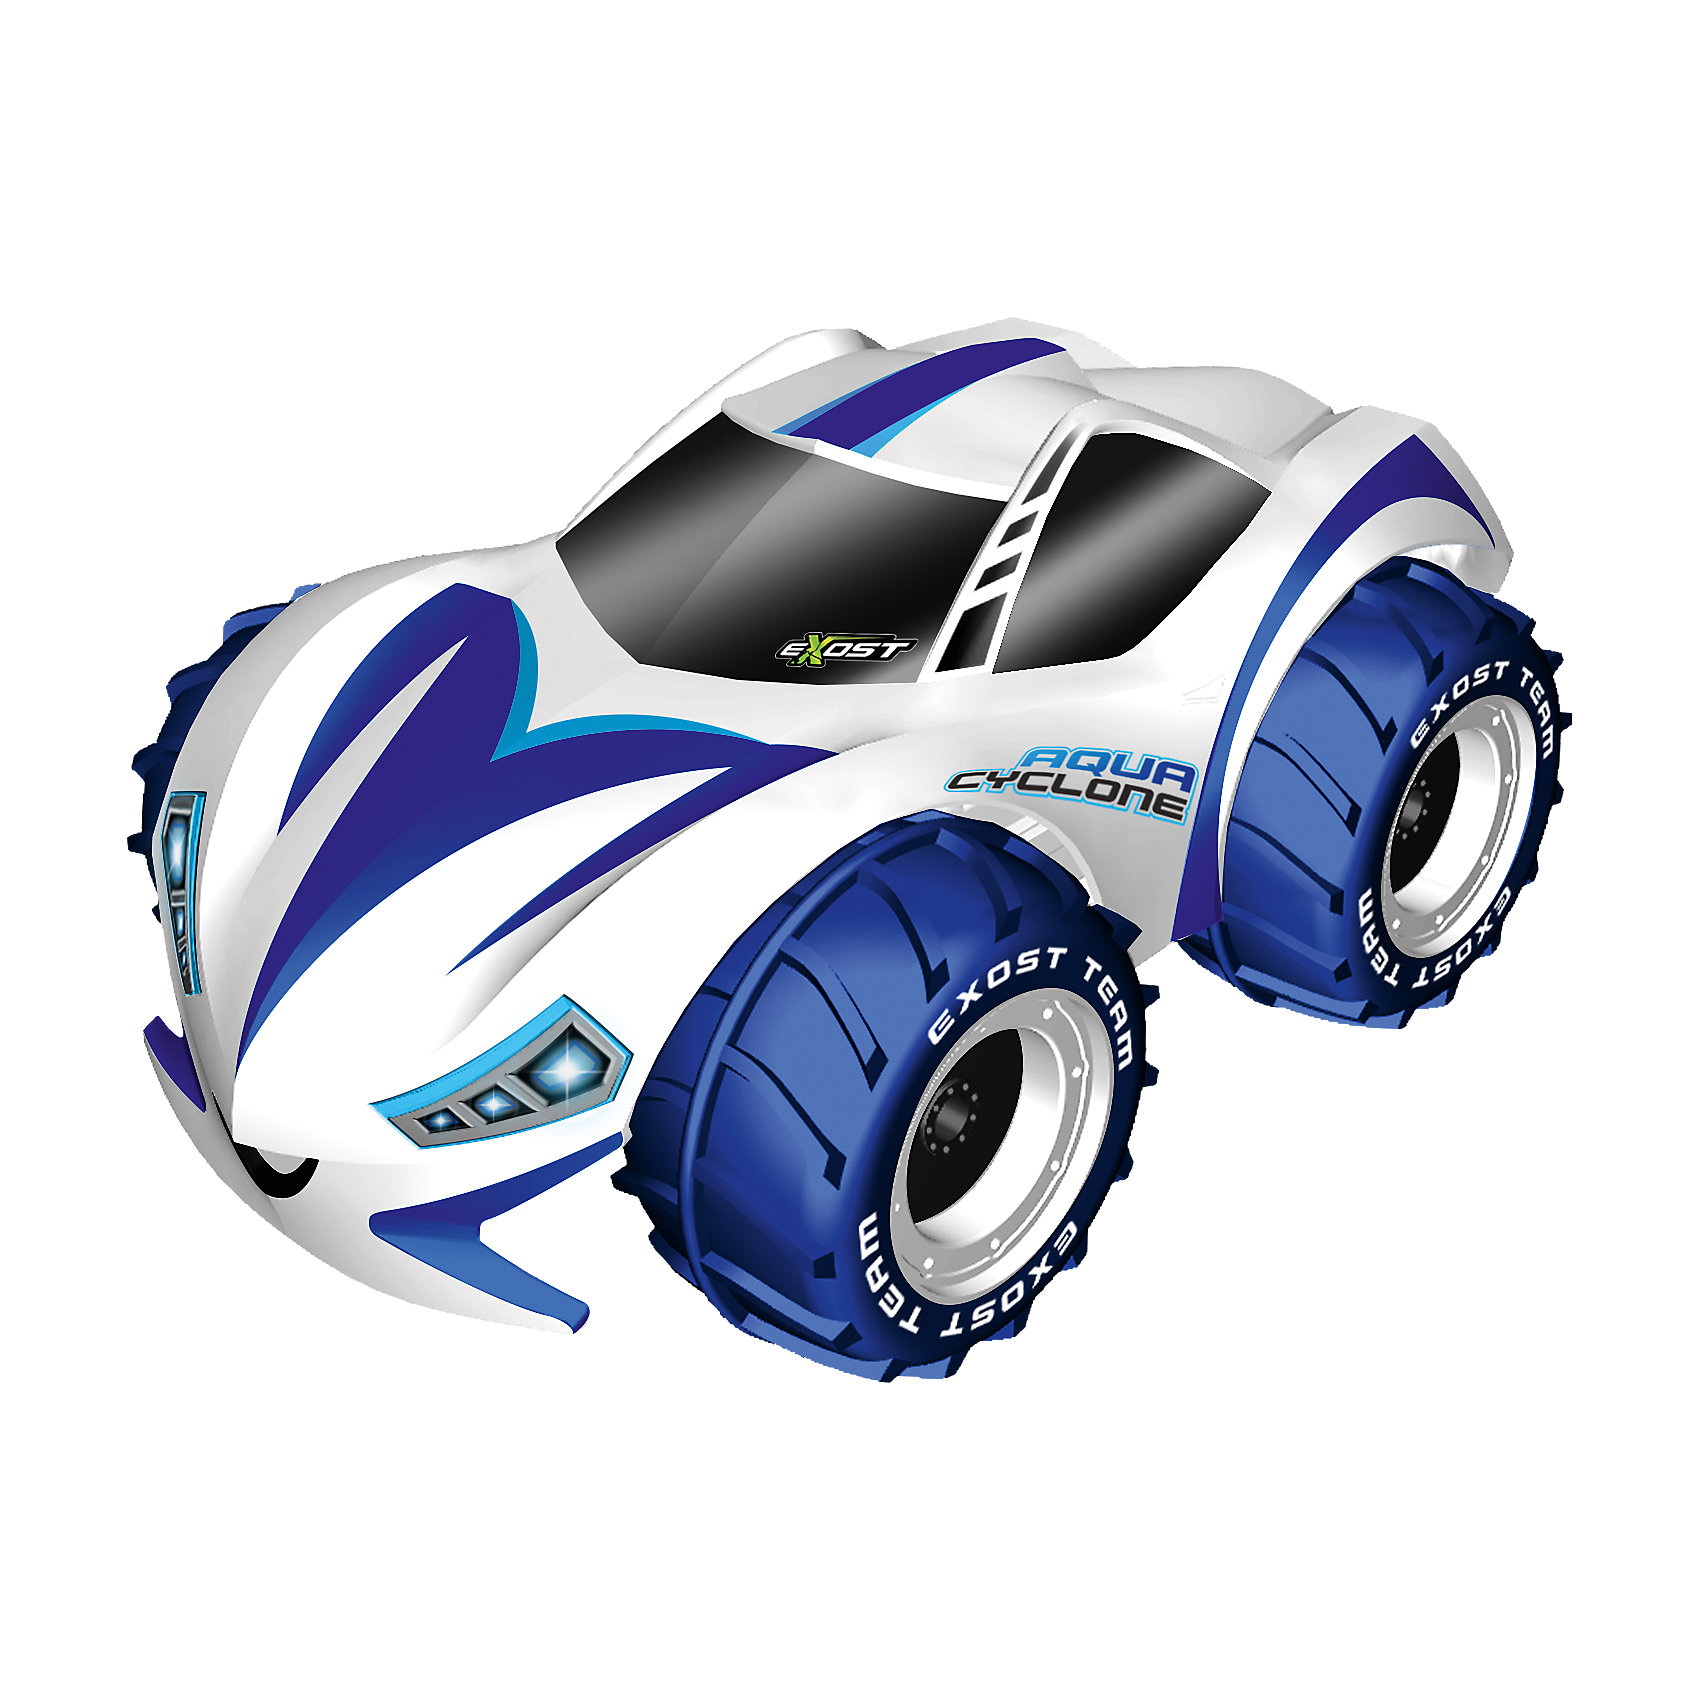 """Машина р/у Аква Циклон, 1:10, SilverlitР/У Машины и мотоциклы<br>Машина р/у Аква Циклон, 1:10, Silverlit.<br><br>Характеристики:<br><br>- Комплектация: машина, зарядное устройство, пульт радиоуправления<br>- Время игры: до 30 мин.<br>- Время зарядки: 120 мин.<br>- Материал: пластик, металл, резина<br>- Длина машинки: 30 см.<br>- Батарейка: 1 x 9V типа """"Крона"""" (входит в комплект)<br>- Дальность действия пульта радиоуправления: 30 м.<br>- Максимальная скорость: 12 км/ч.<br>- Упаковка: картонная коробка блистерного типа<br>- Размер упаковки: 37,6 x 21 x 26,5 см.<br><br>Машина на радиоуправлении Аква Циклон — вездеход, покоривший воду и землю. Его большие колёса, наполненные воздухом, не дают корпусу тонуть. Выступающий рисунок протектора совершает загребающие движения, когда машинка едет по воде. Удивительно, но даже в таких условиях автомобиль может поворачивать влево и вправо. На суше машина-амфибия покоряет глинистые, гравийные, асфальтированные и даже заснеженные трассы. Радиоуправляемая машина работает на частоте 2.4 ГГц. Благодаря специальной технологии одновременно до 10 игроков могут управлять игрушечными автомобилями Аква Циклон. Продукция сертифицирована, экологически безопасна для ребенка, использованные красители не токсичны и гипоаллергенны.<br><br>Машину р/у Аква Циклон, 1:10, Silverlit можно купить в нашем интернет-магазине.<br><br>Ширина мм: 383<br>Глубина мм: 276<br>Высота мм: 241<br>Вес г: 1899<br>Возраст от месяцев: 60<br>Возраст до месяцев: 108<br>Пол: Мужской<br>Возраст: Детский<br>SKU: 4727721"""